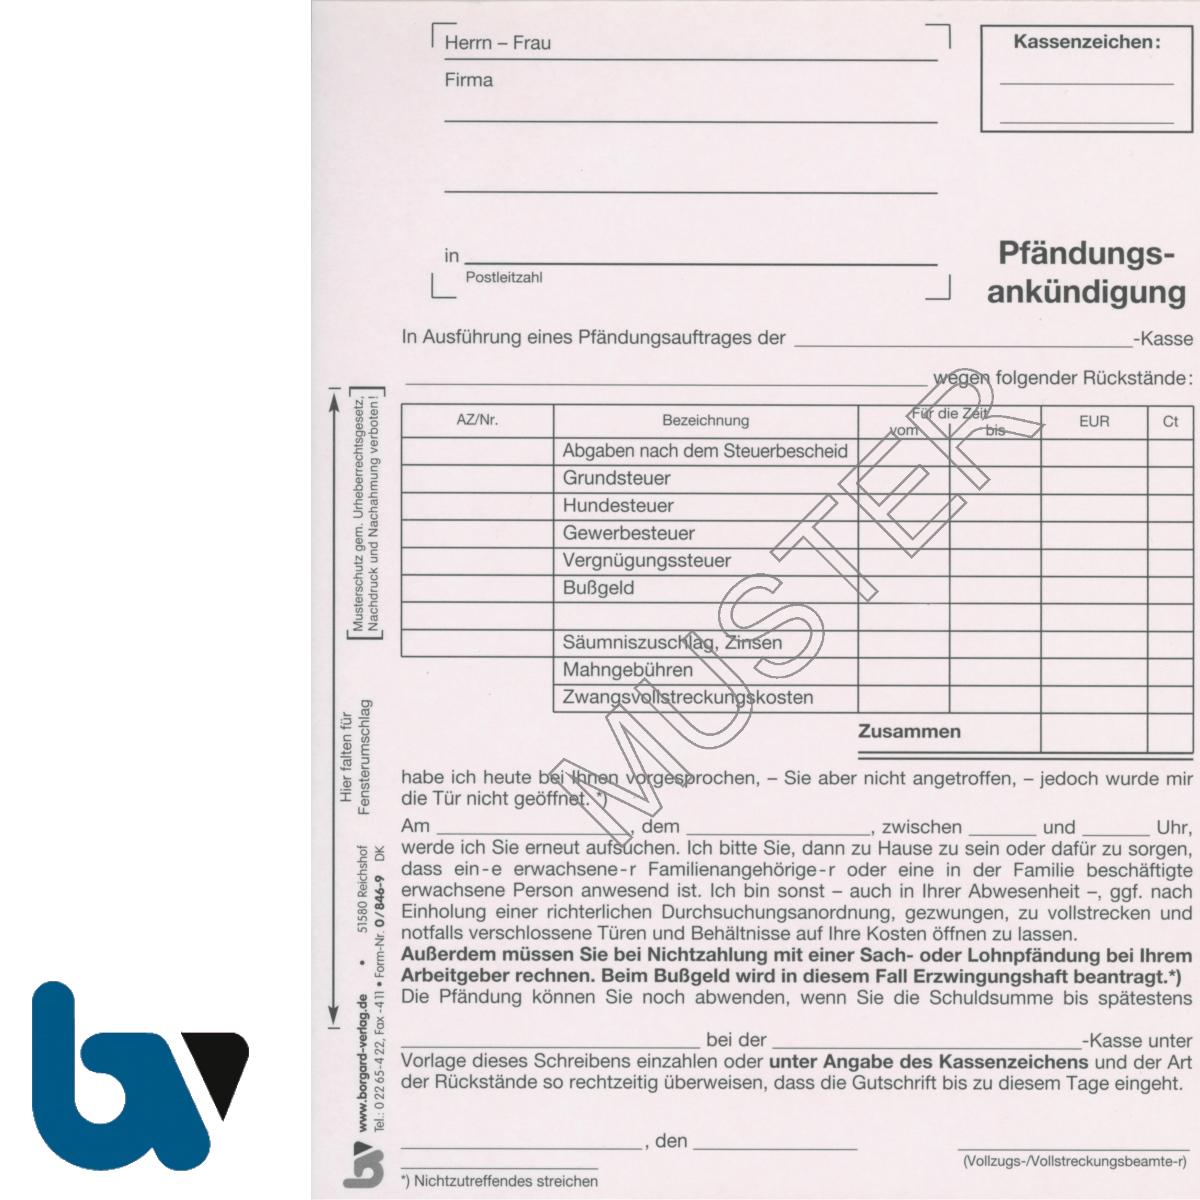 0/846-9 Pfändungsankündigung Auftrag Einschlagdeckel Durchschreibeschutz Schreibschutzdecke perforiert 2-fach selbstdurchschreibend DIN A5 | Borgard Verlag GmbH